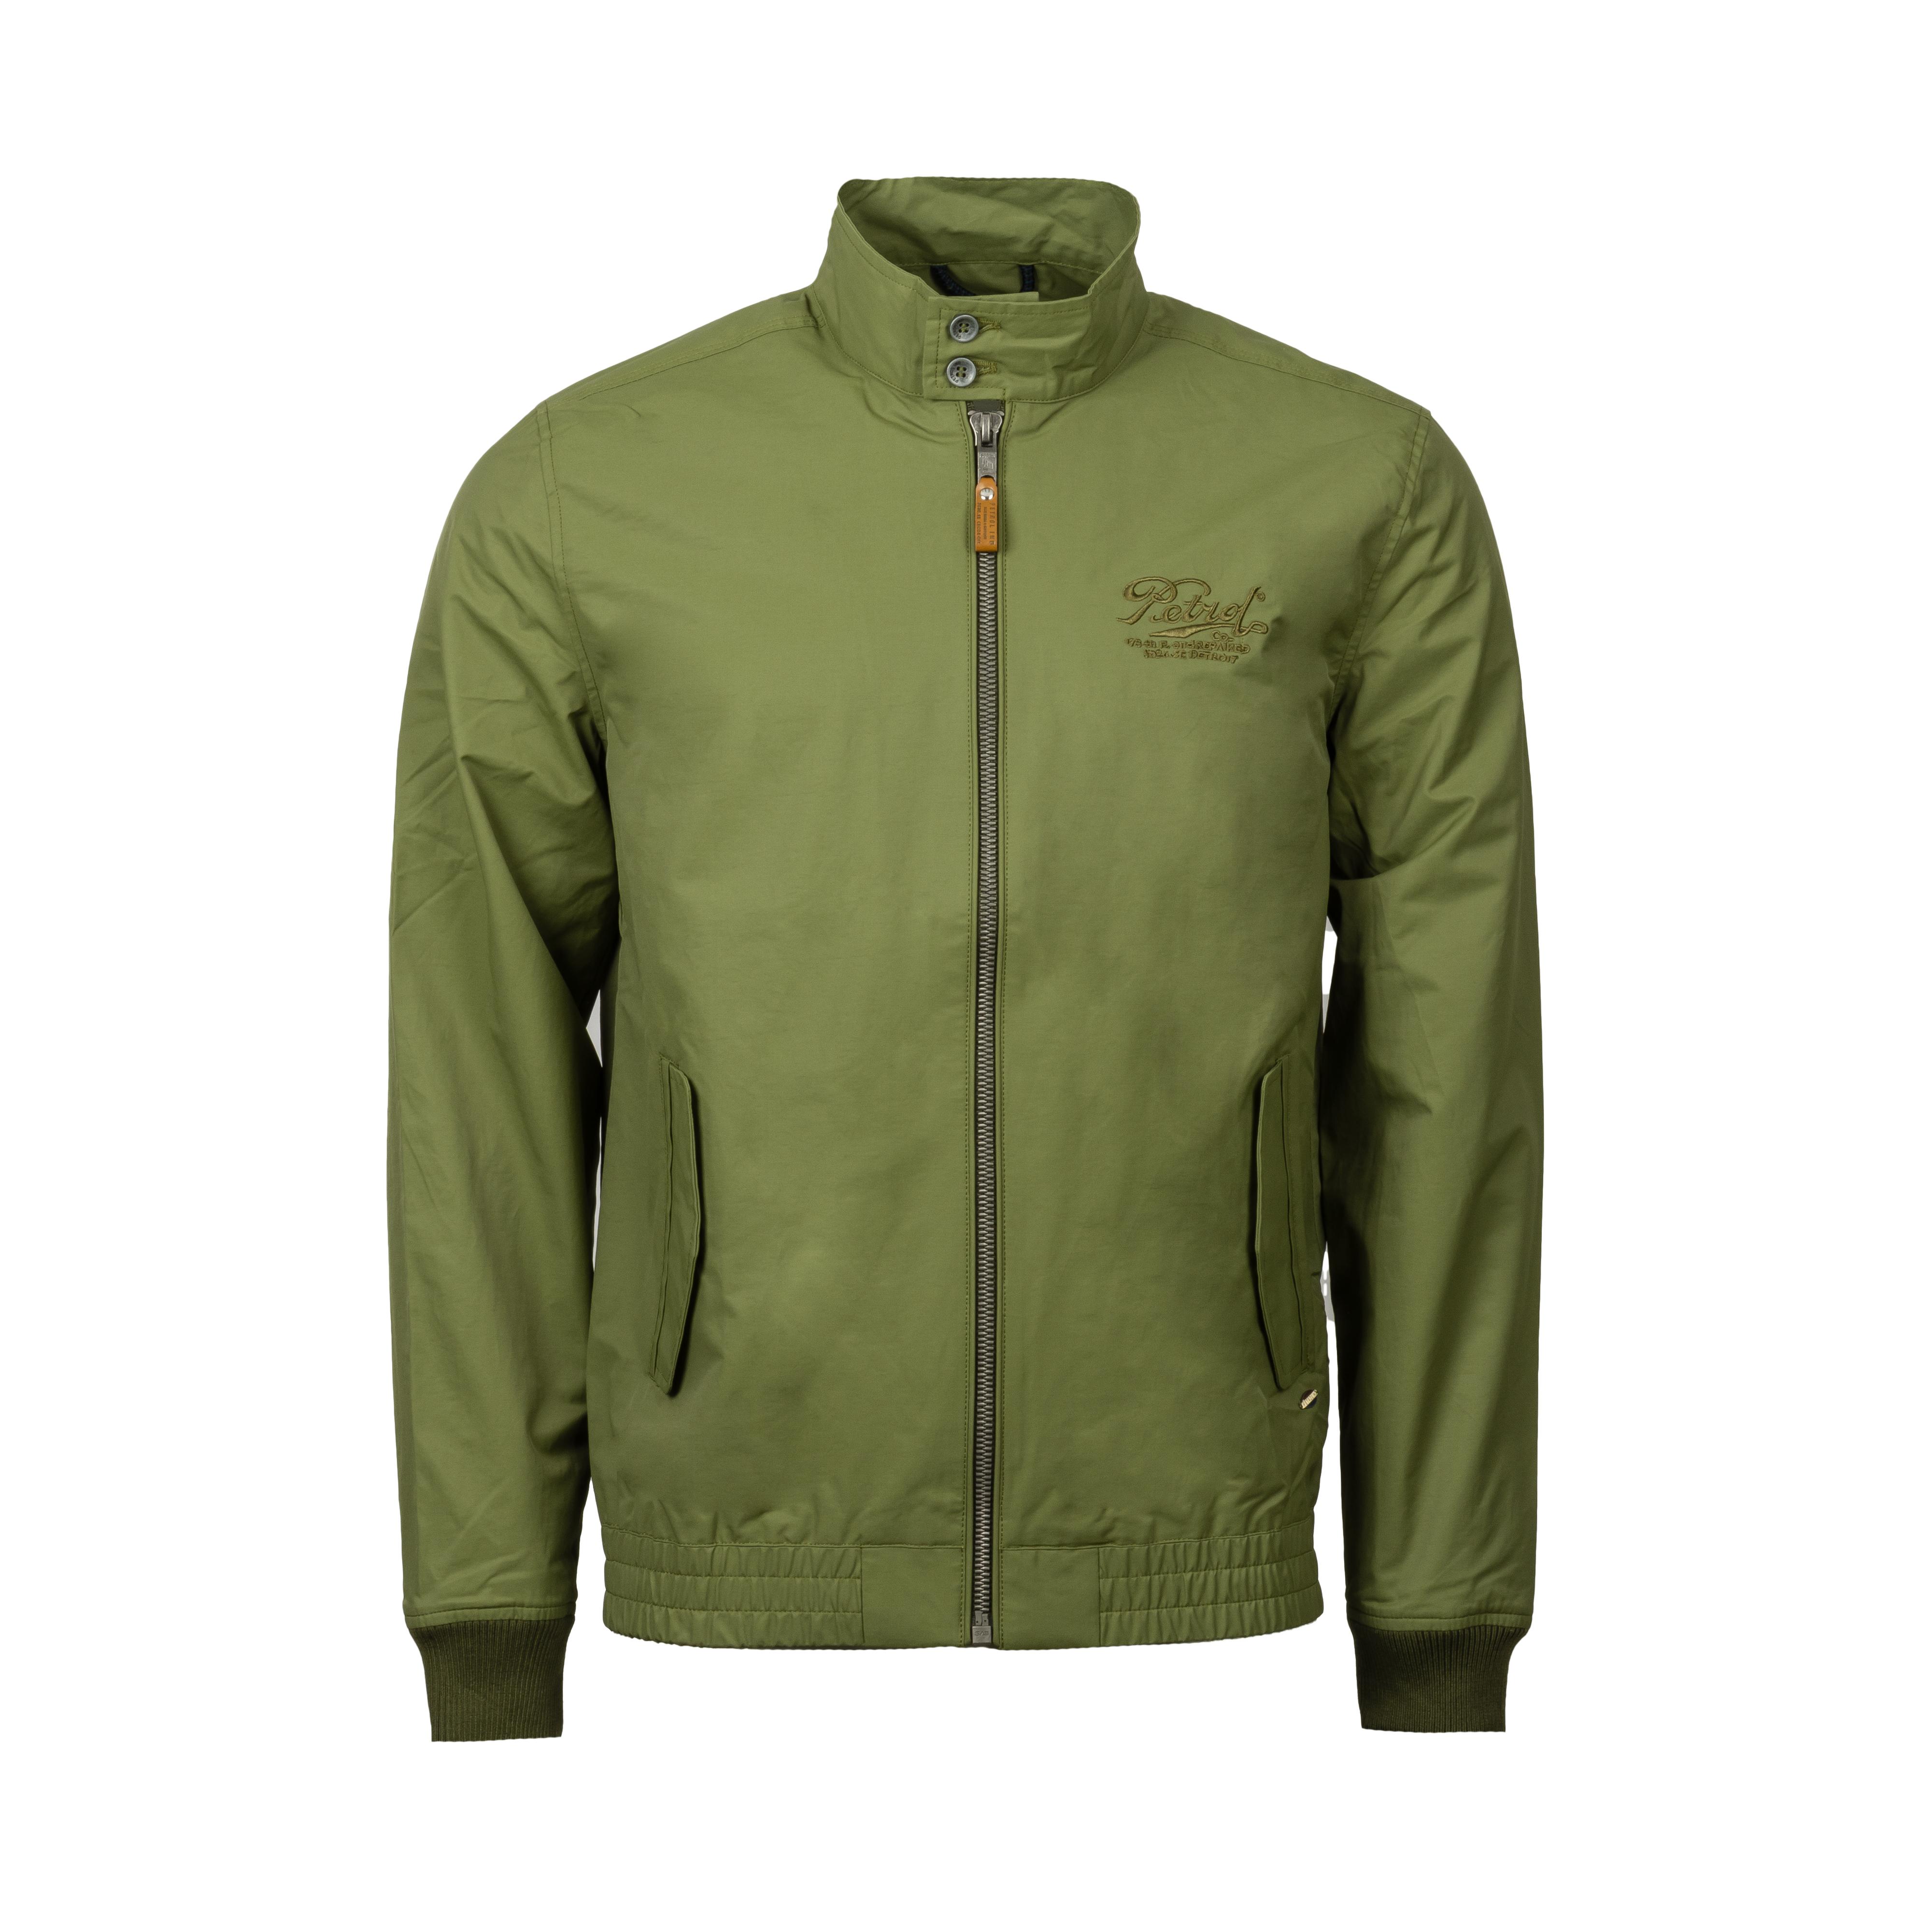 Veste légère  en coton mélangé effet bombers vert kaki